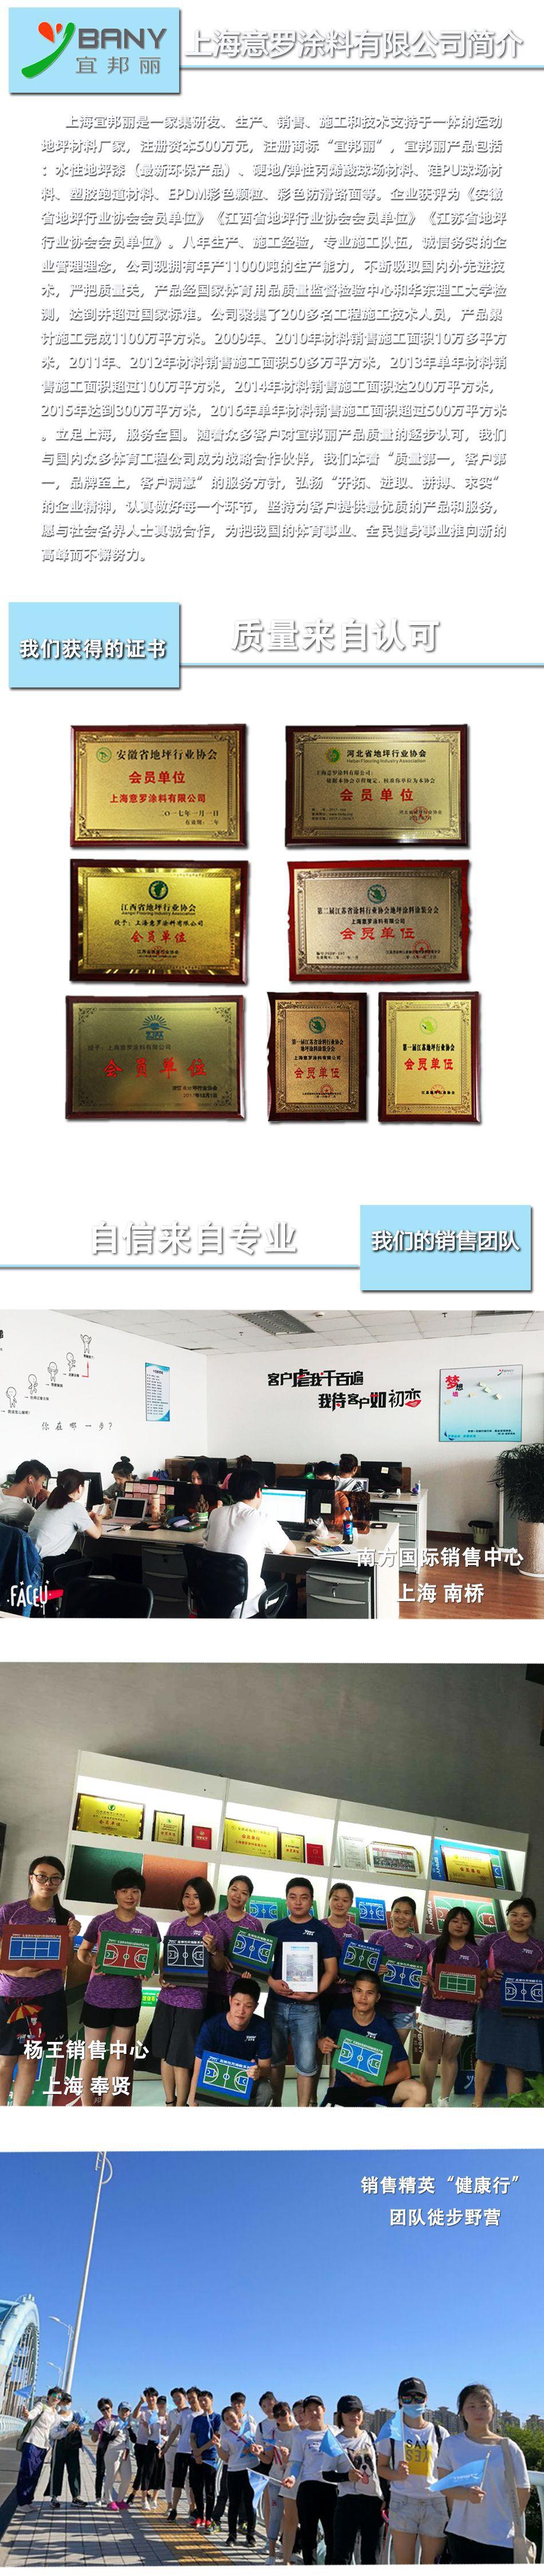 上海新國標塑膠硅PU球場材料生產廠家水性環保硅PU面漆面涂層直銷示例圖5